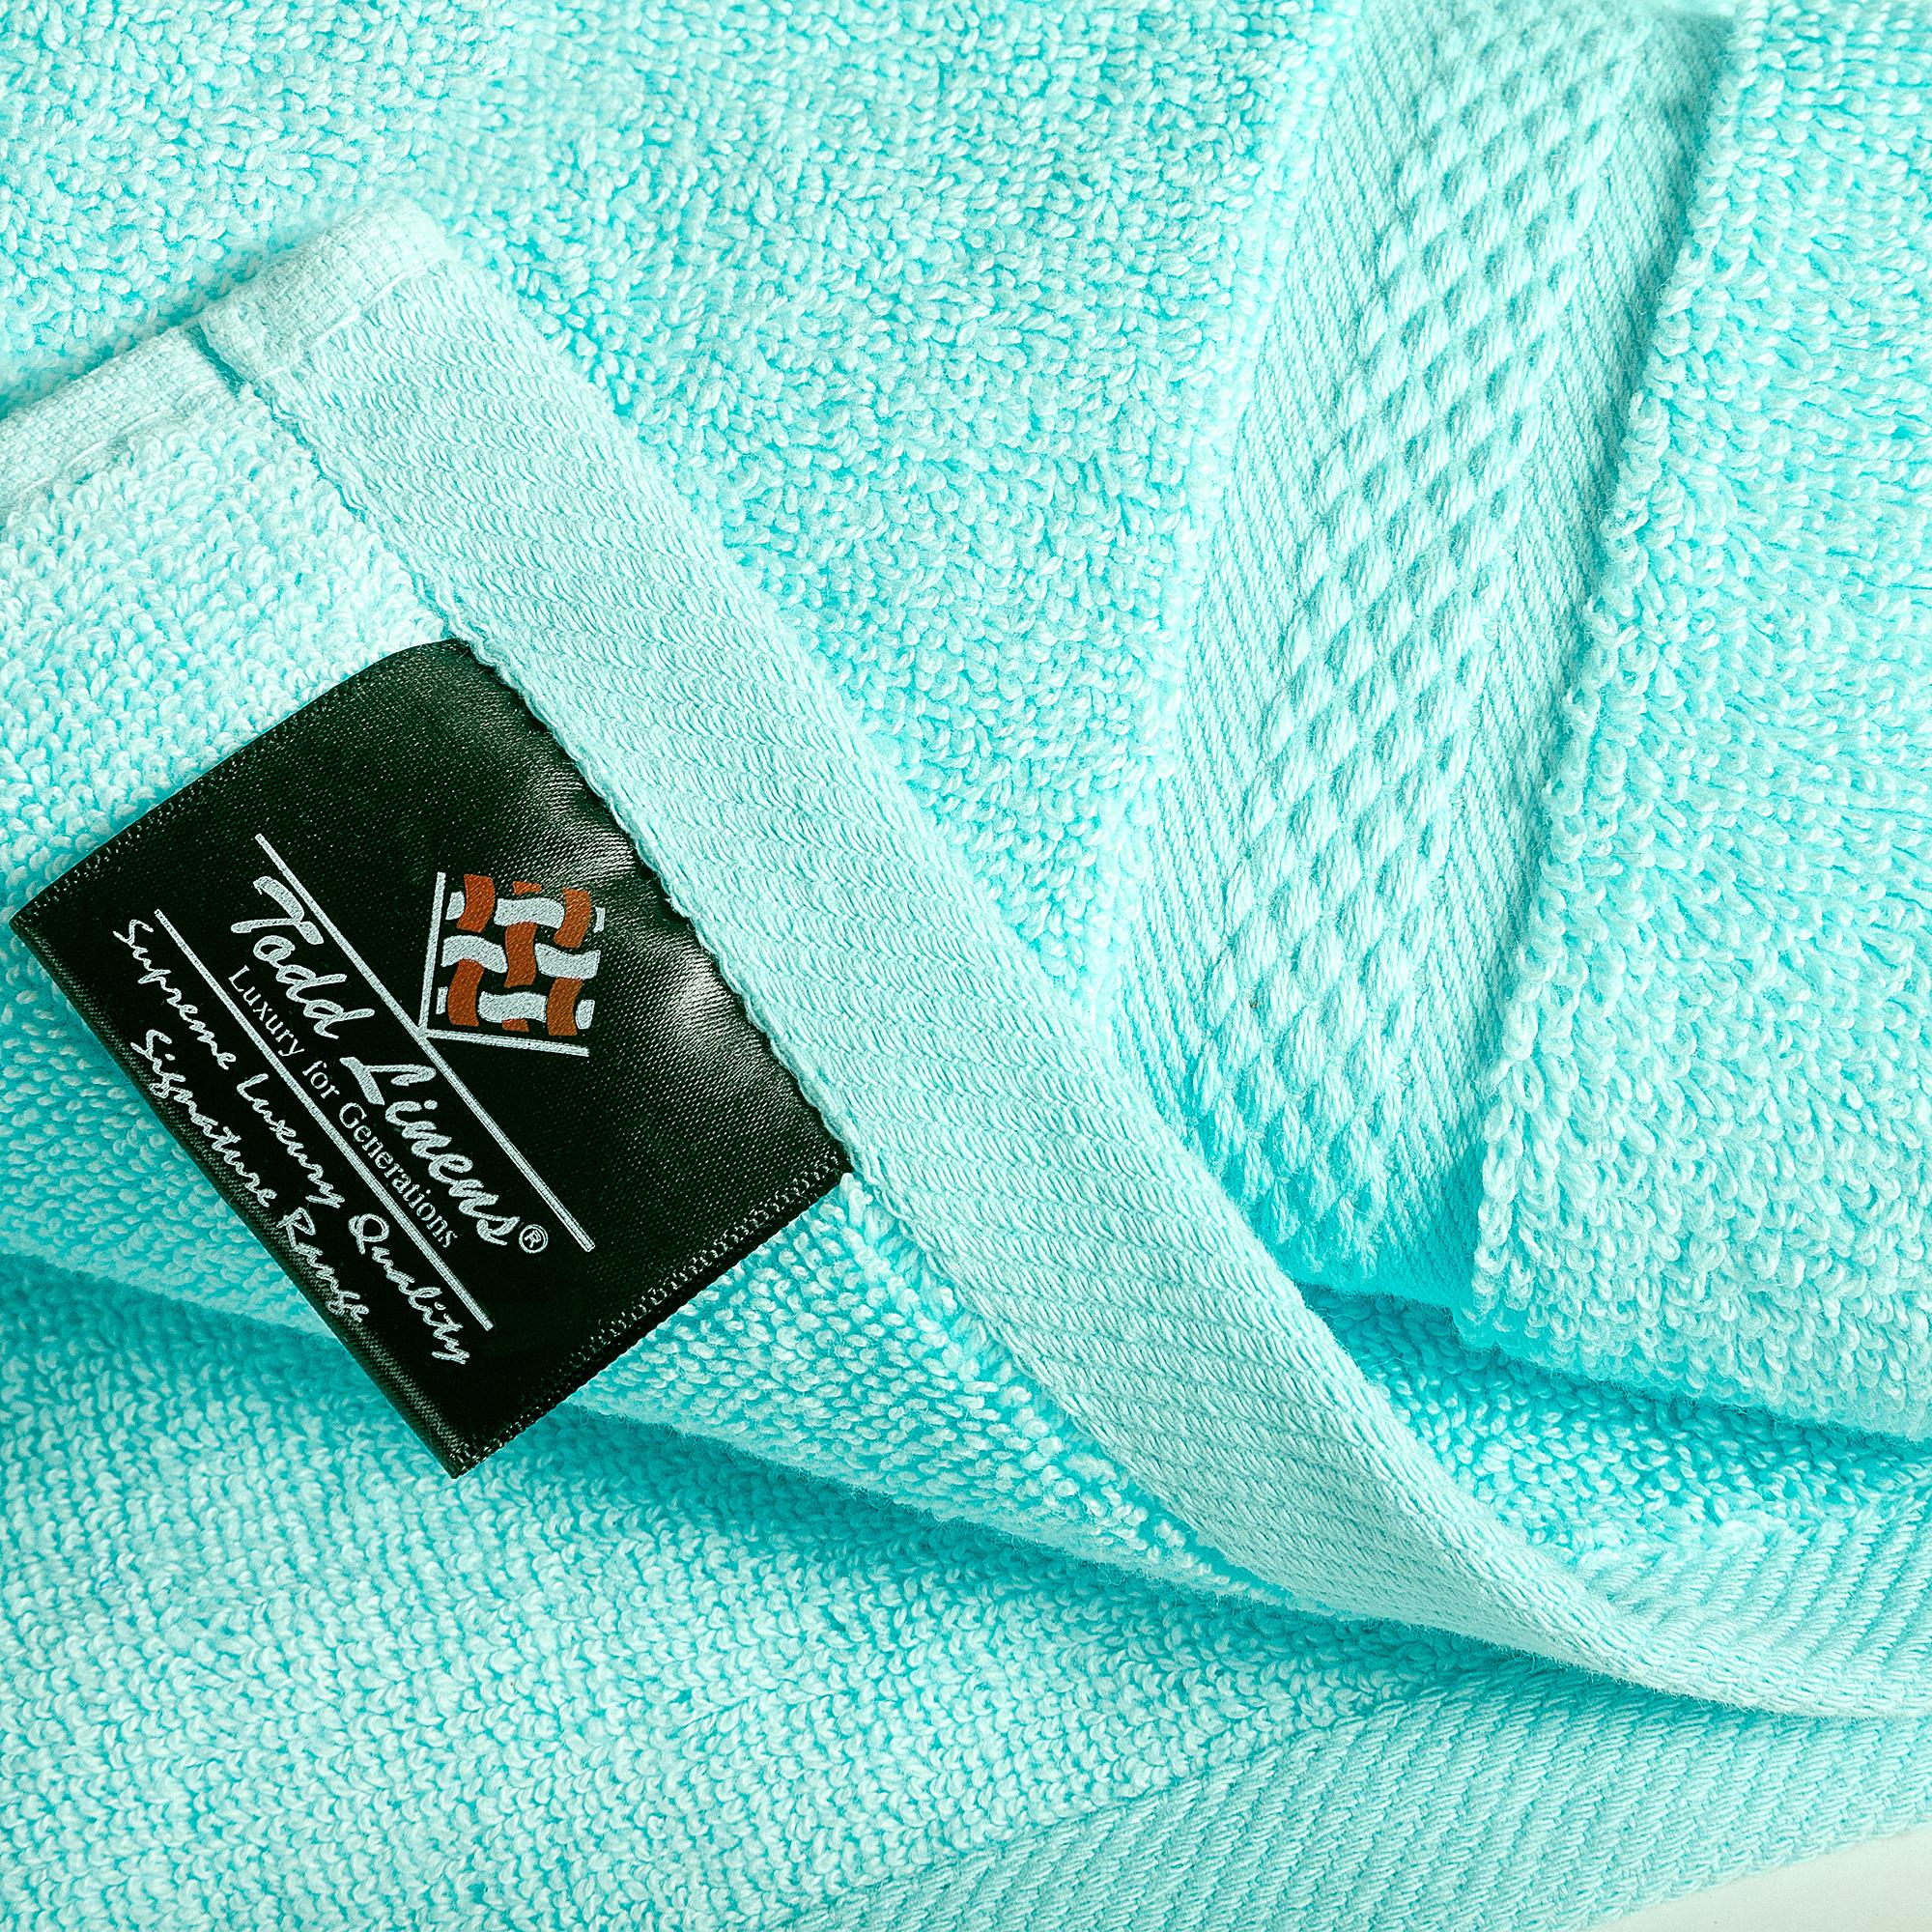 8pcs 700gsm Signature Range Turquoise Plain 8 Pieces Bale Set Towel